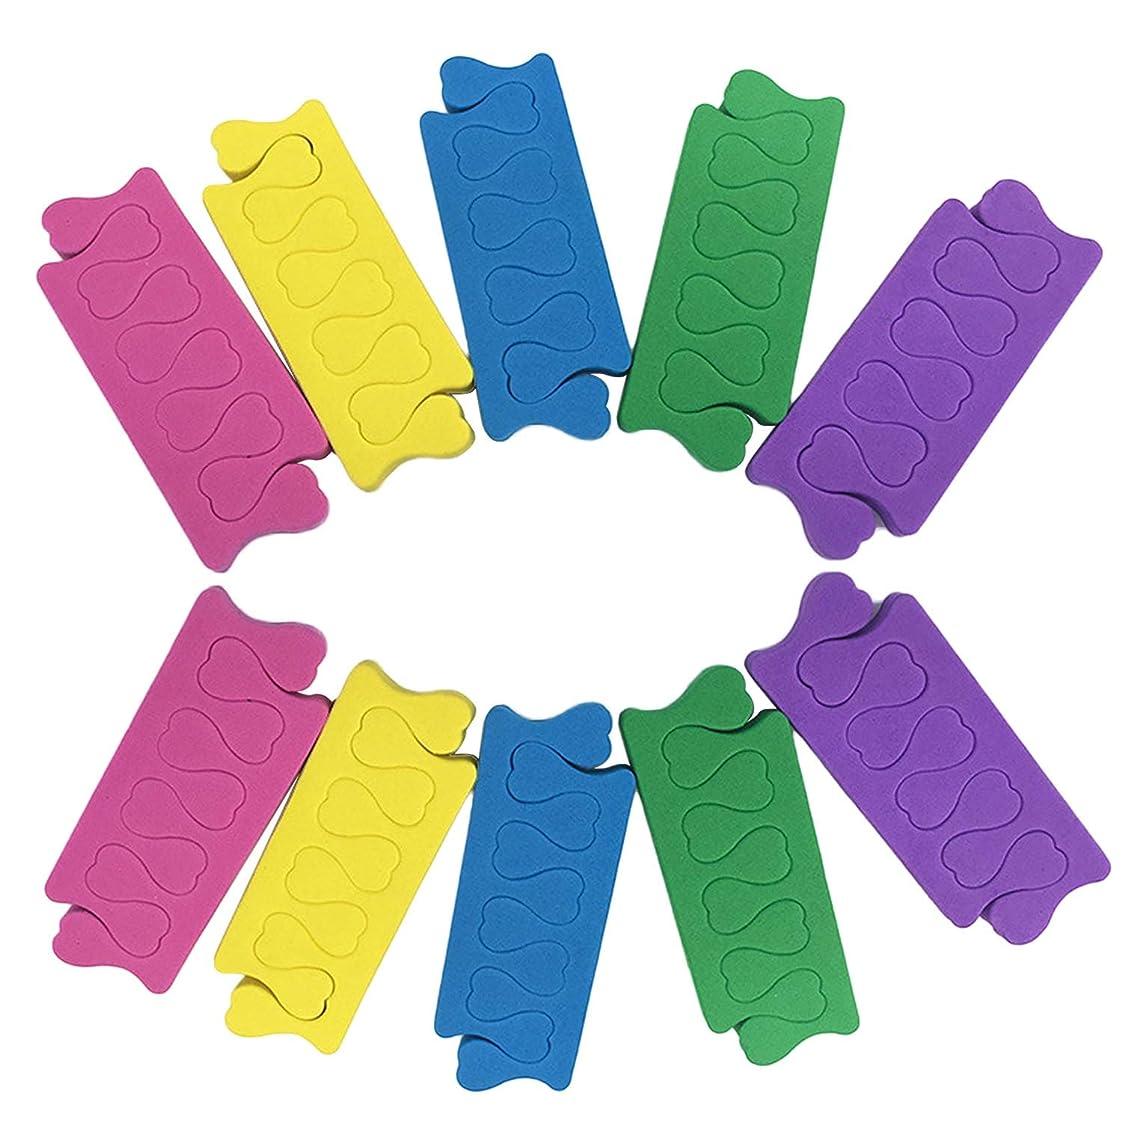 追い出す方法論花嫁トゥセパレーター Migavann フィンガーセパレーター 50組の色の組み合わせソフトフォームスポンジフィンガーセパレーターデバイダーネイルアートマニキュアペディキュアツール